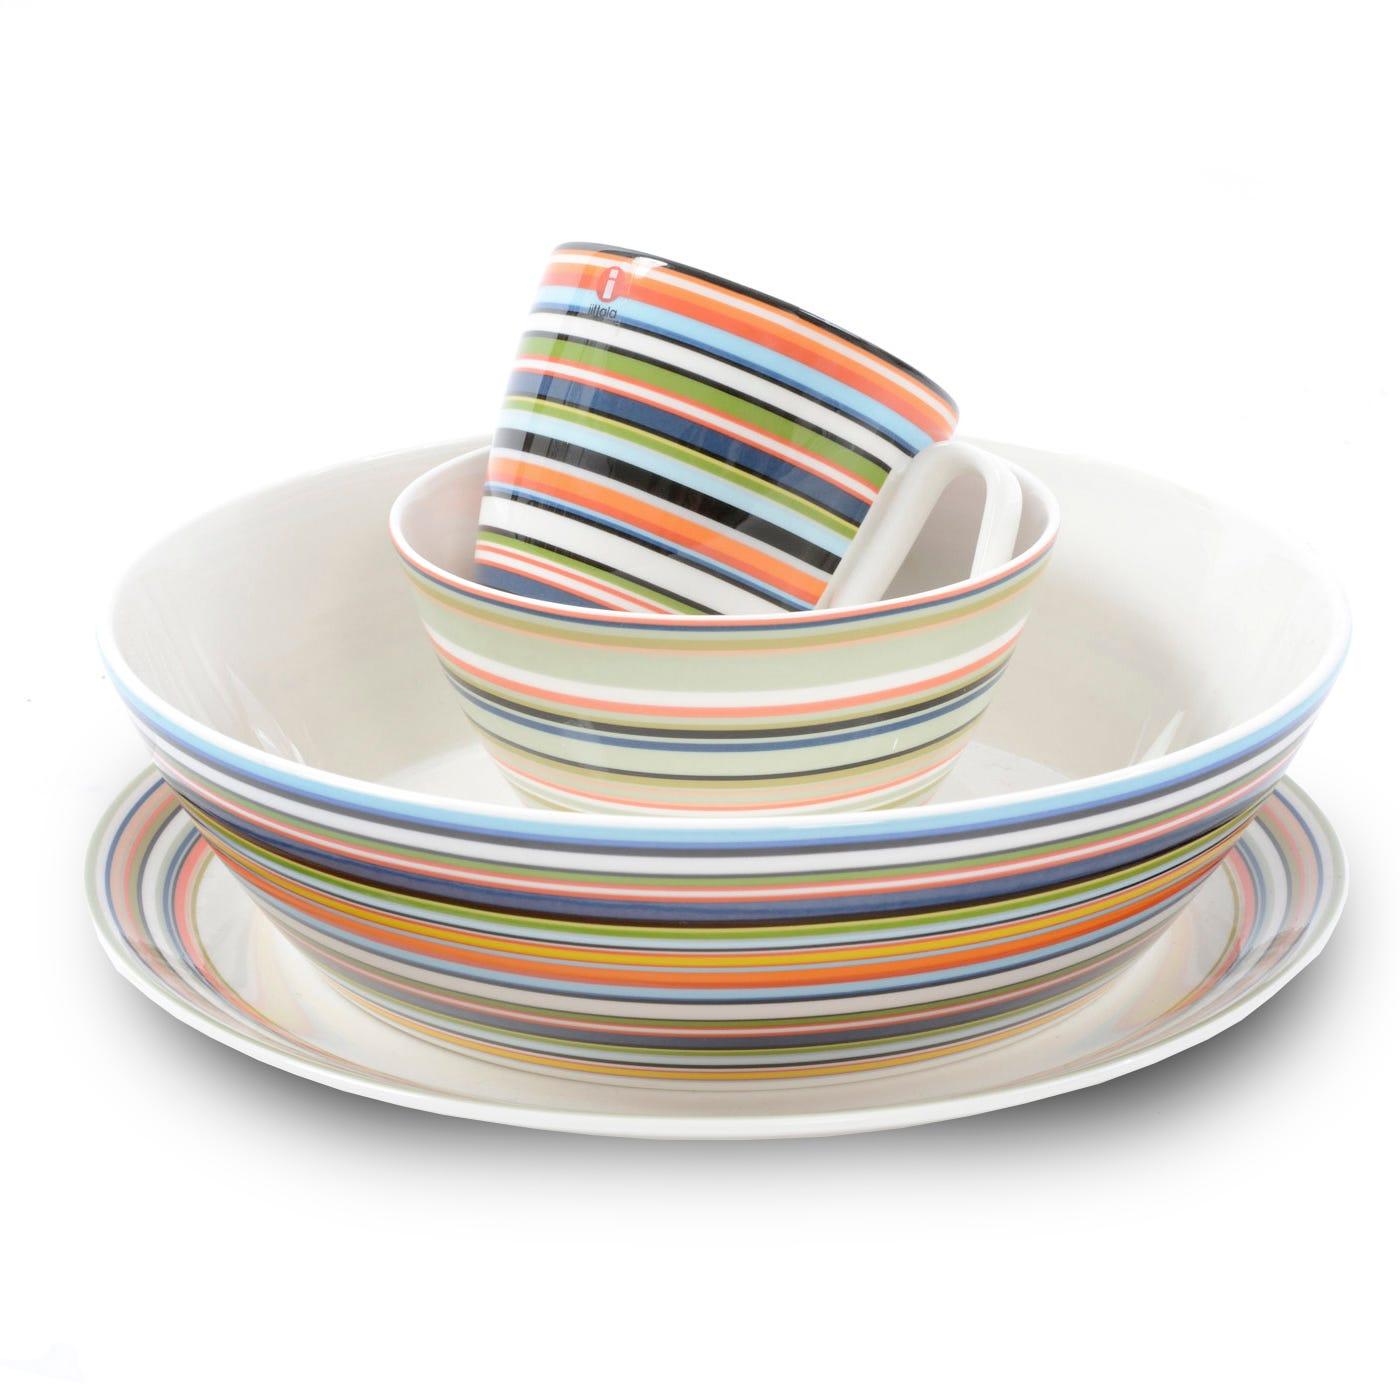 Origio Dinnerware